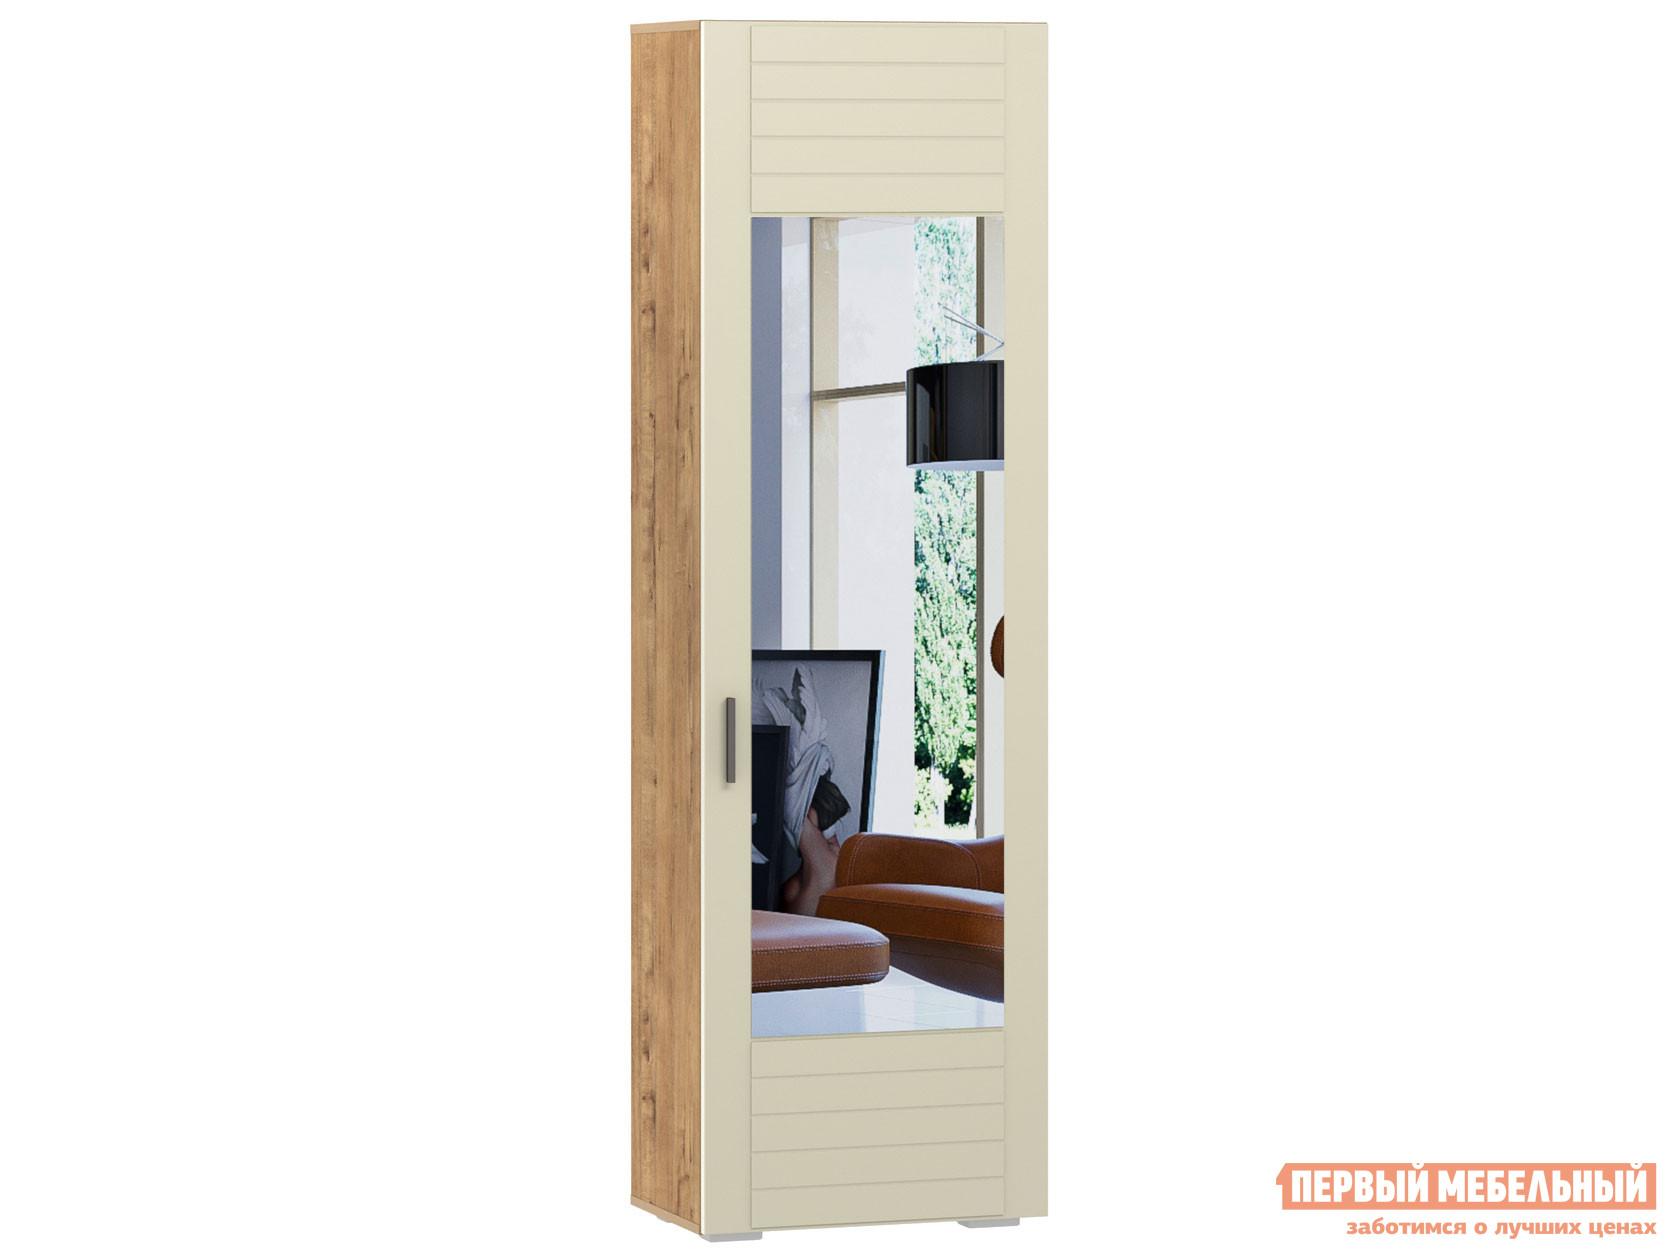 Шкаф распашной Первый Мебельный Шкаф для одежды 1 дв. Ливорно 013.16 fu1 01 ch 23p шкаф 3 дв 1 1 1 с зерк паспарту шатура rimini bosco